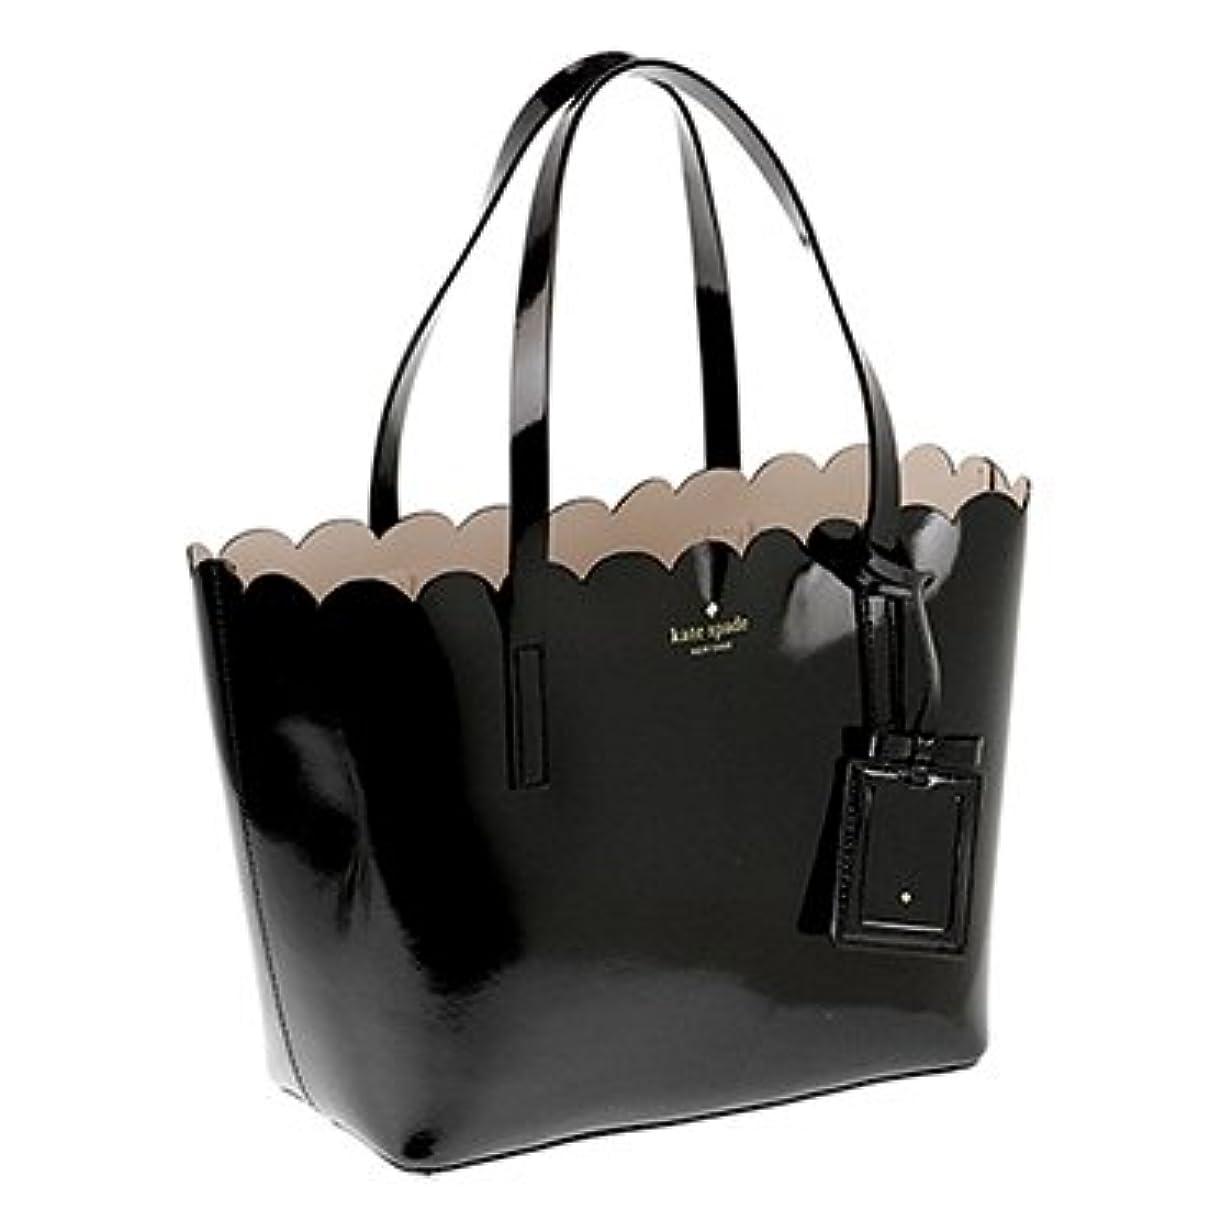 確率悪行抽象(ケイトスペード)kate spade トートバッグ LILY AVENUE PATENT SMALL CARRIGAN PXRU7065 290 BLACK/CRISP LINEN 取寄商品 [並行輸入品]